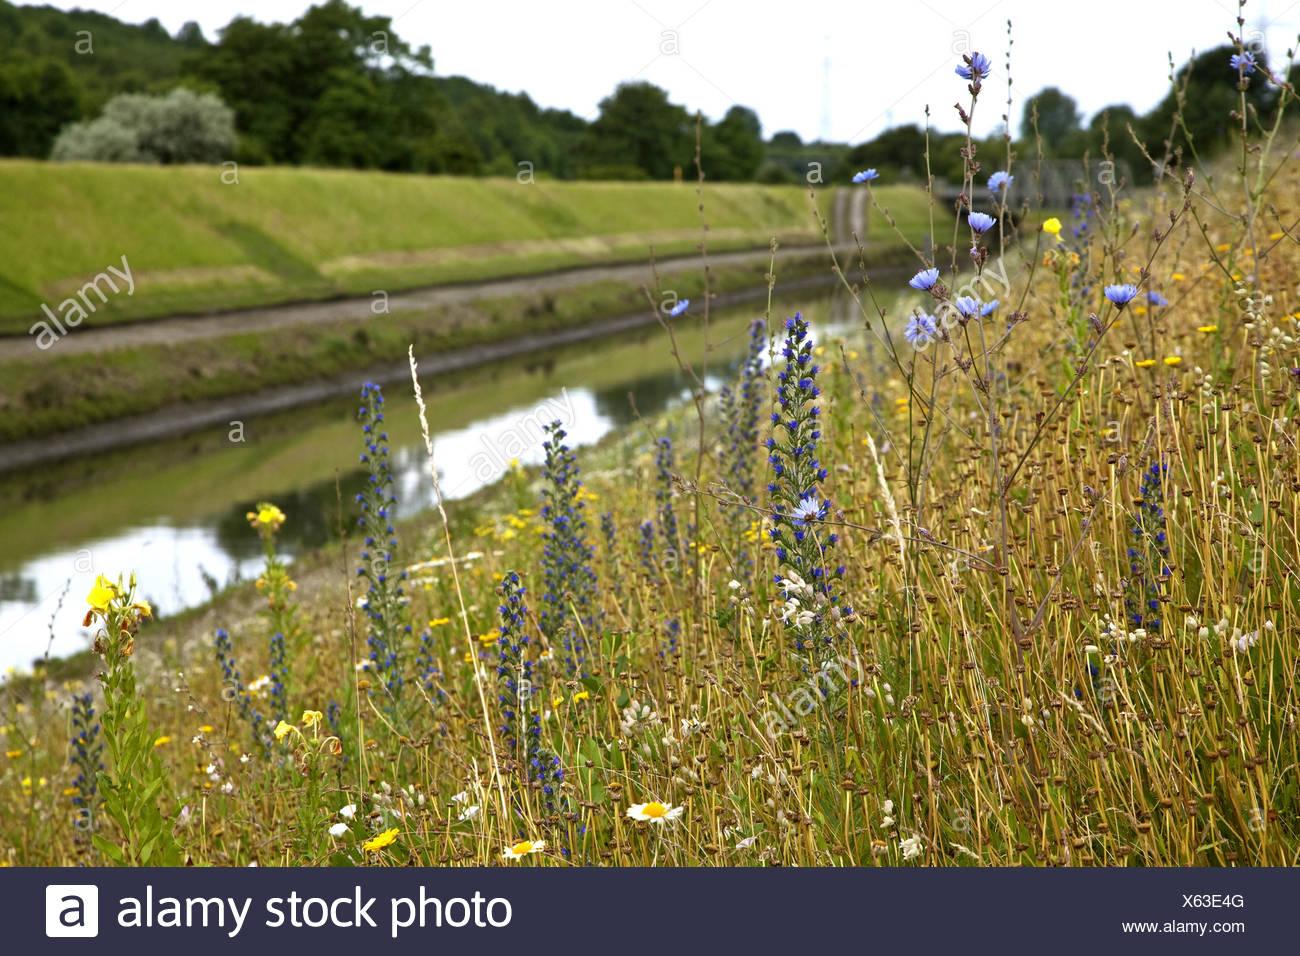 wild flower meadow at the Emscher, Germany, North Rhine-Westphalia, Ruhr Area, Essen Stock Photo